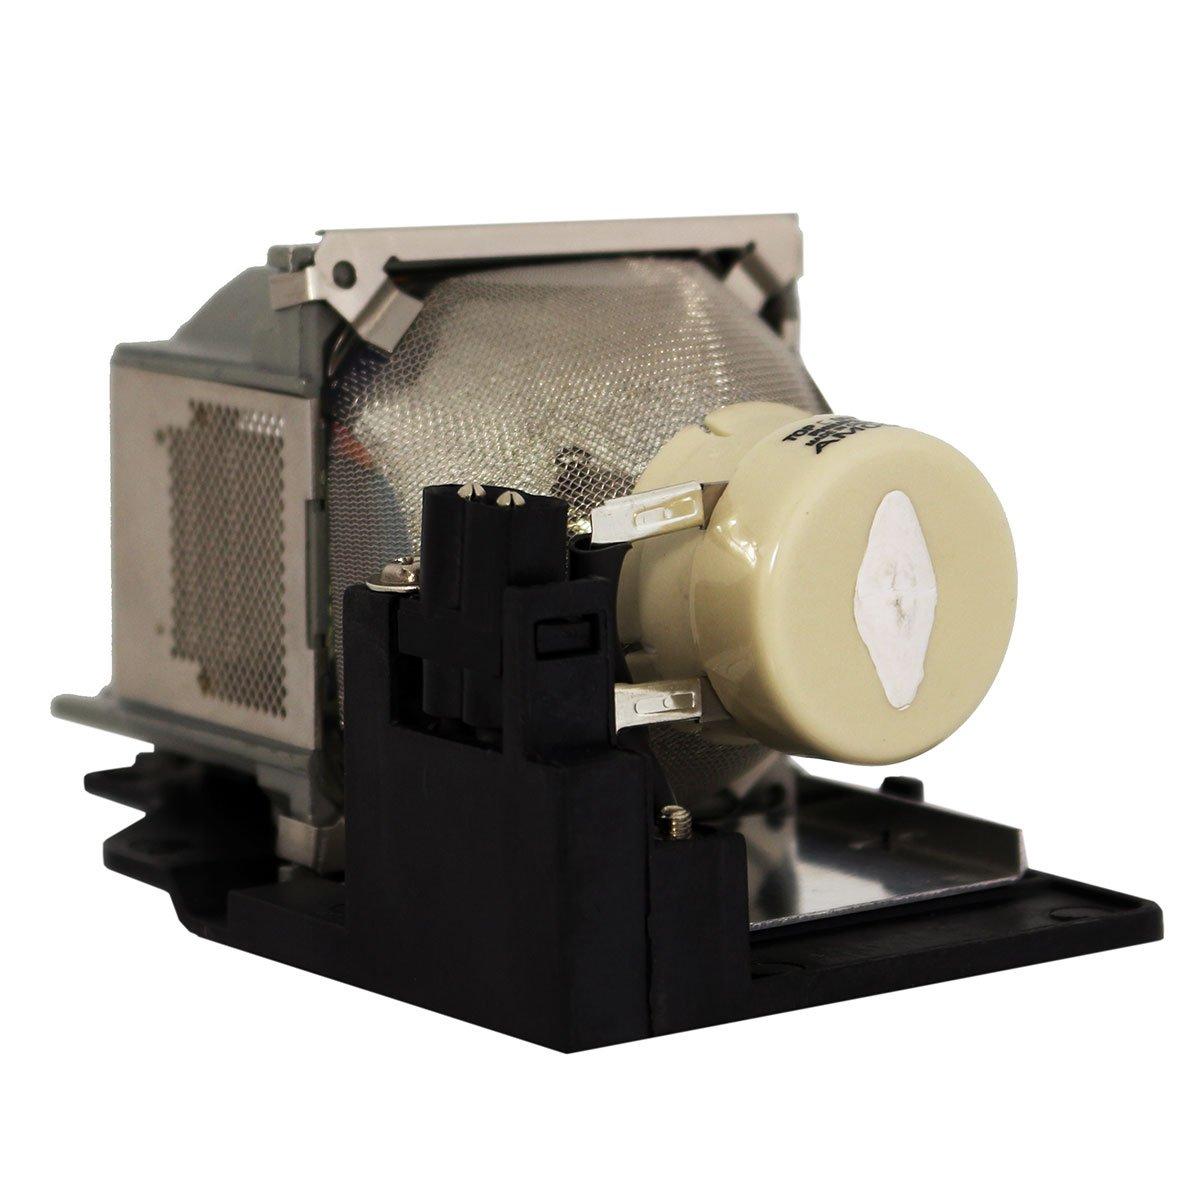 Ampoule Uniquement Lampe de Rechange Philips Originale pour Projecteur Sony VPL-DX142